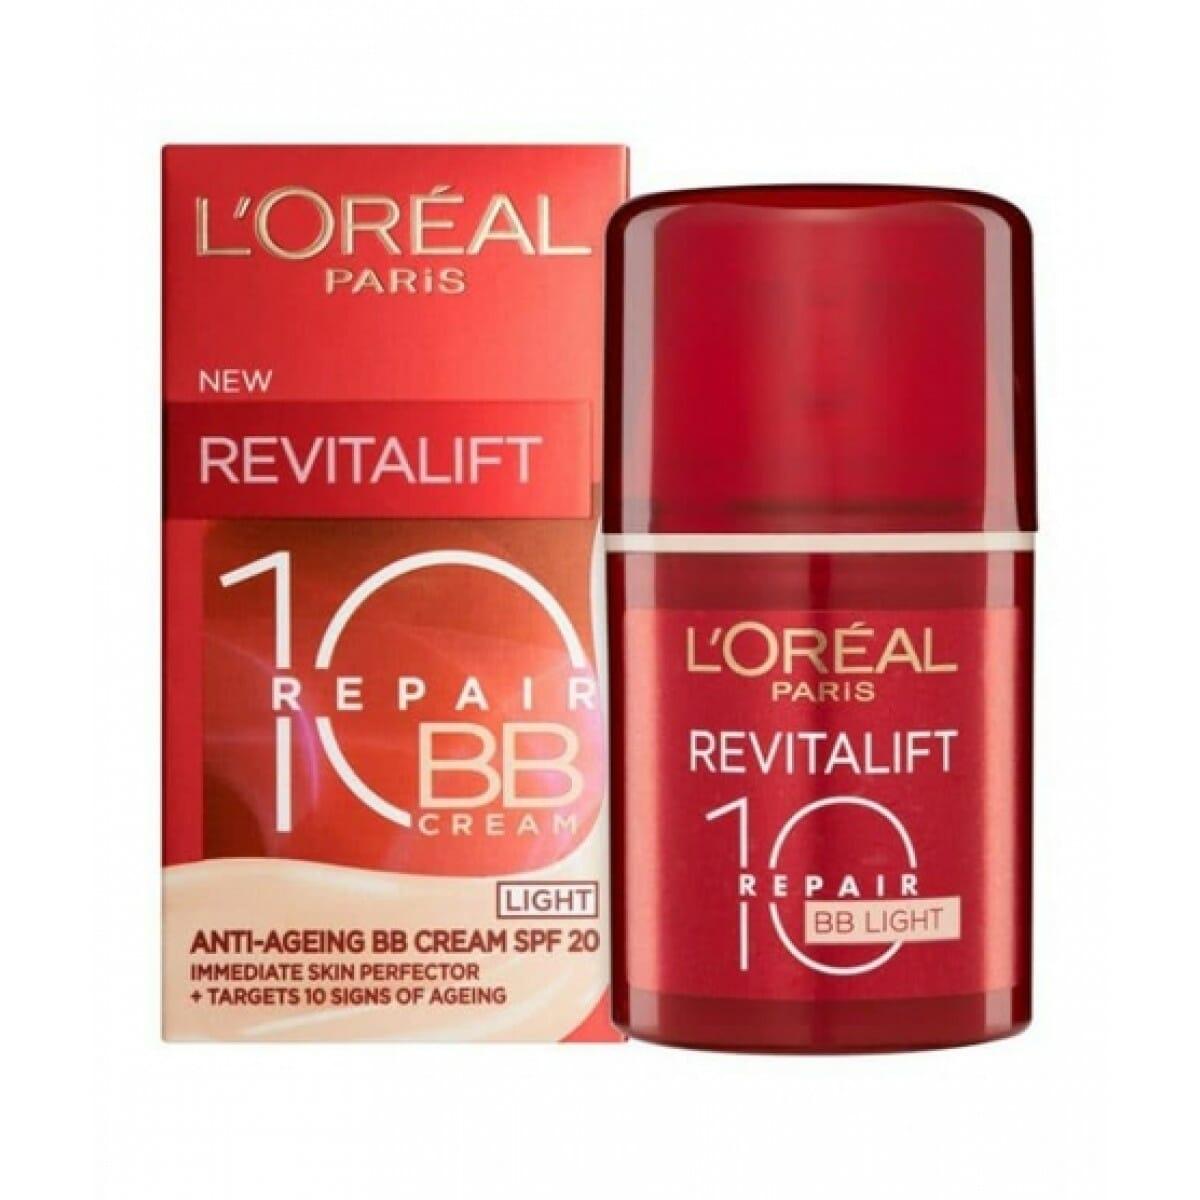 L'Oreal Paris Dermo Expertise Revitalift Repair 10 BB Cream